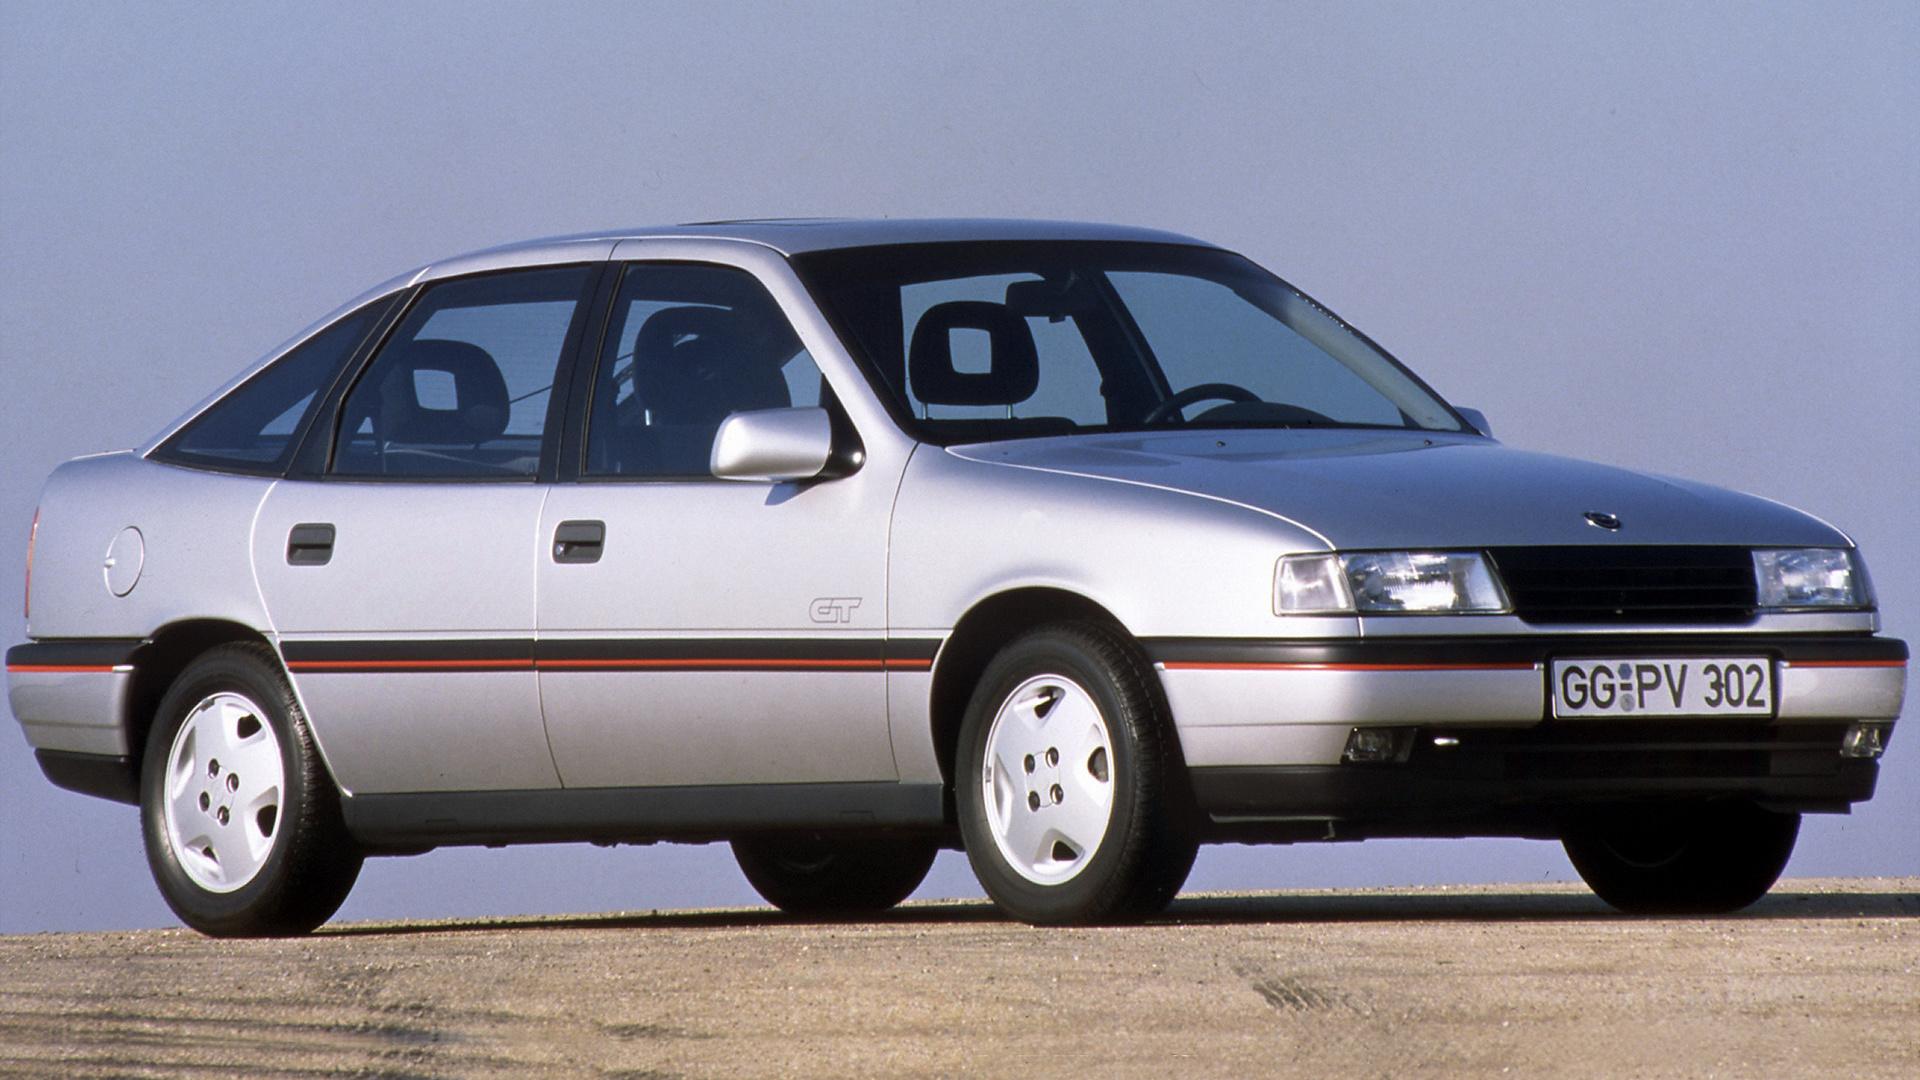 1989 Opel Vectra GT [5 door]   Wallpapers and HD Images Car Pixel 1920x1080